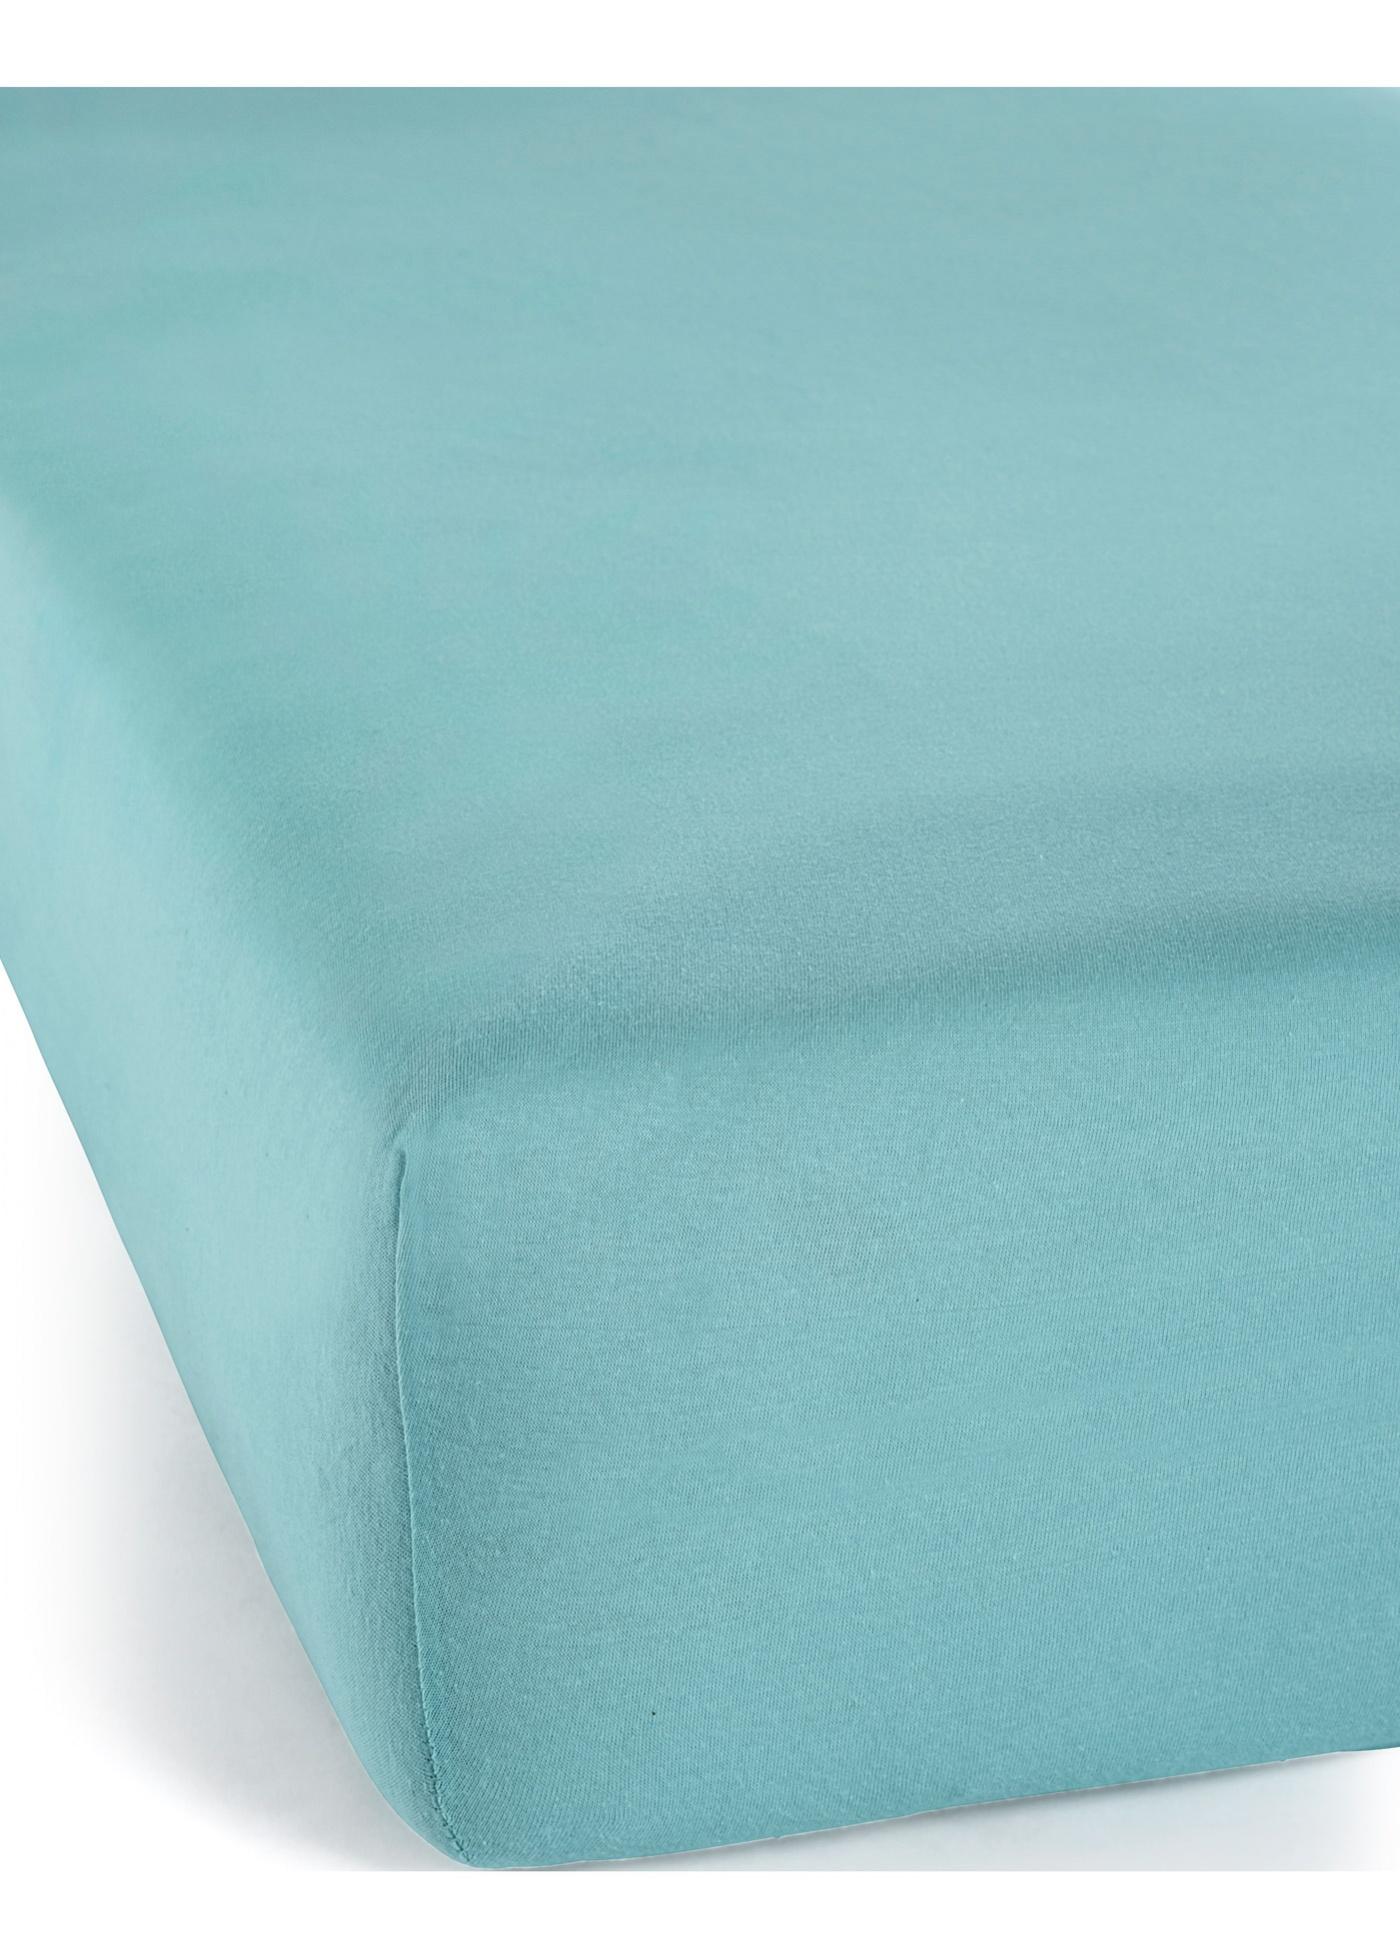 Jersey Spannbettlaken in blau von bonprix